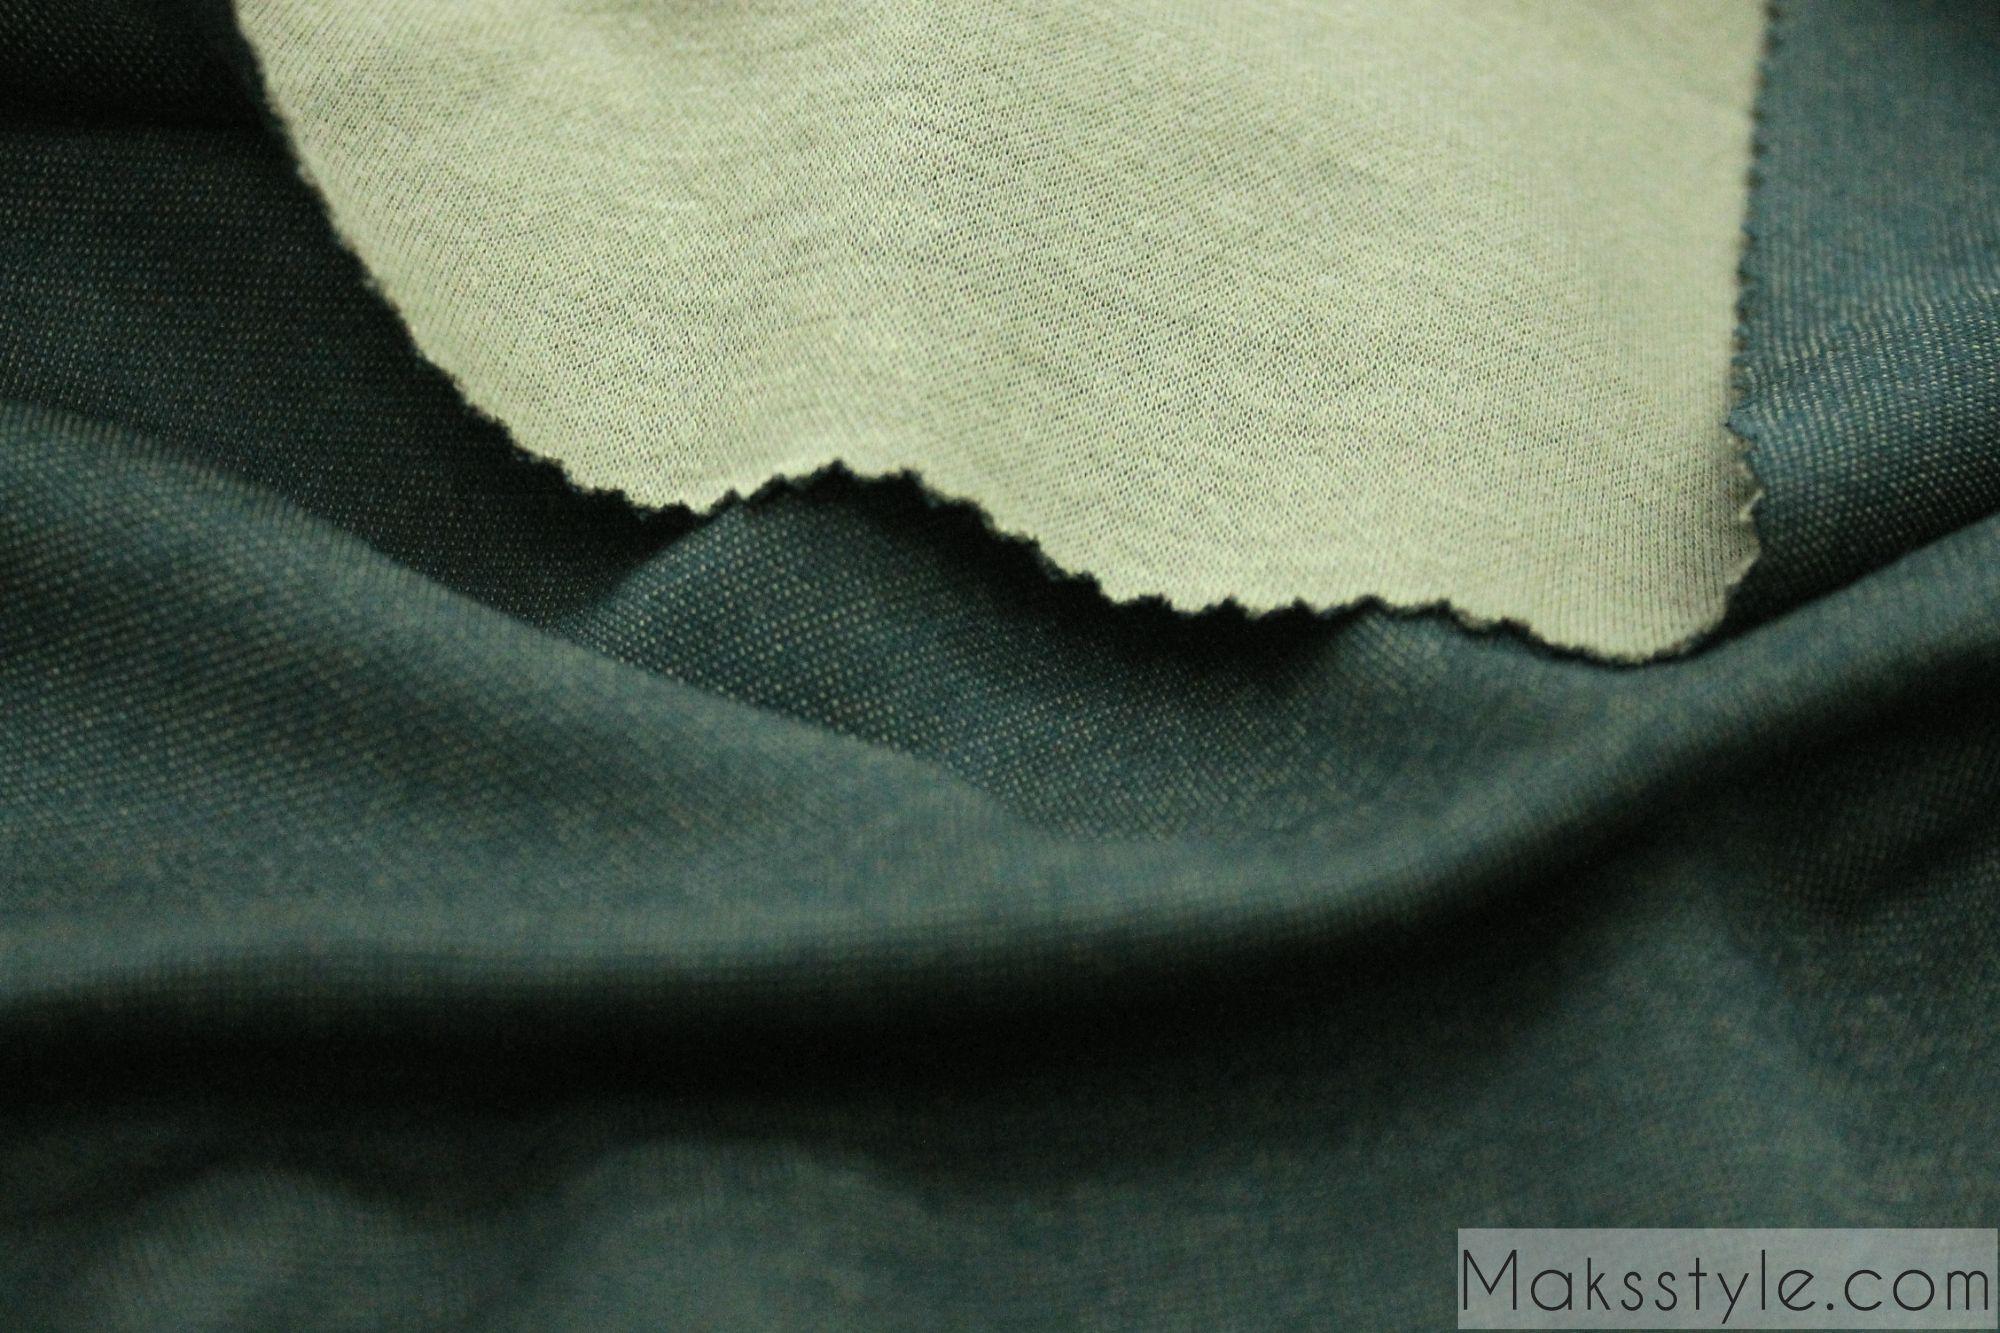 Модал: что за ткань, состав, виды и свойства, преимущества, уход